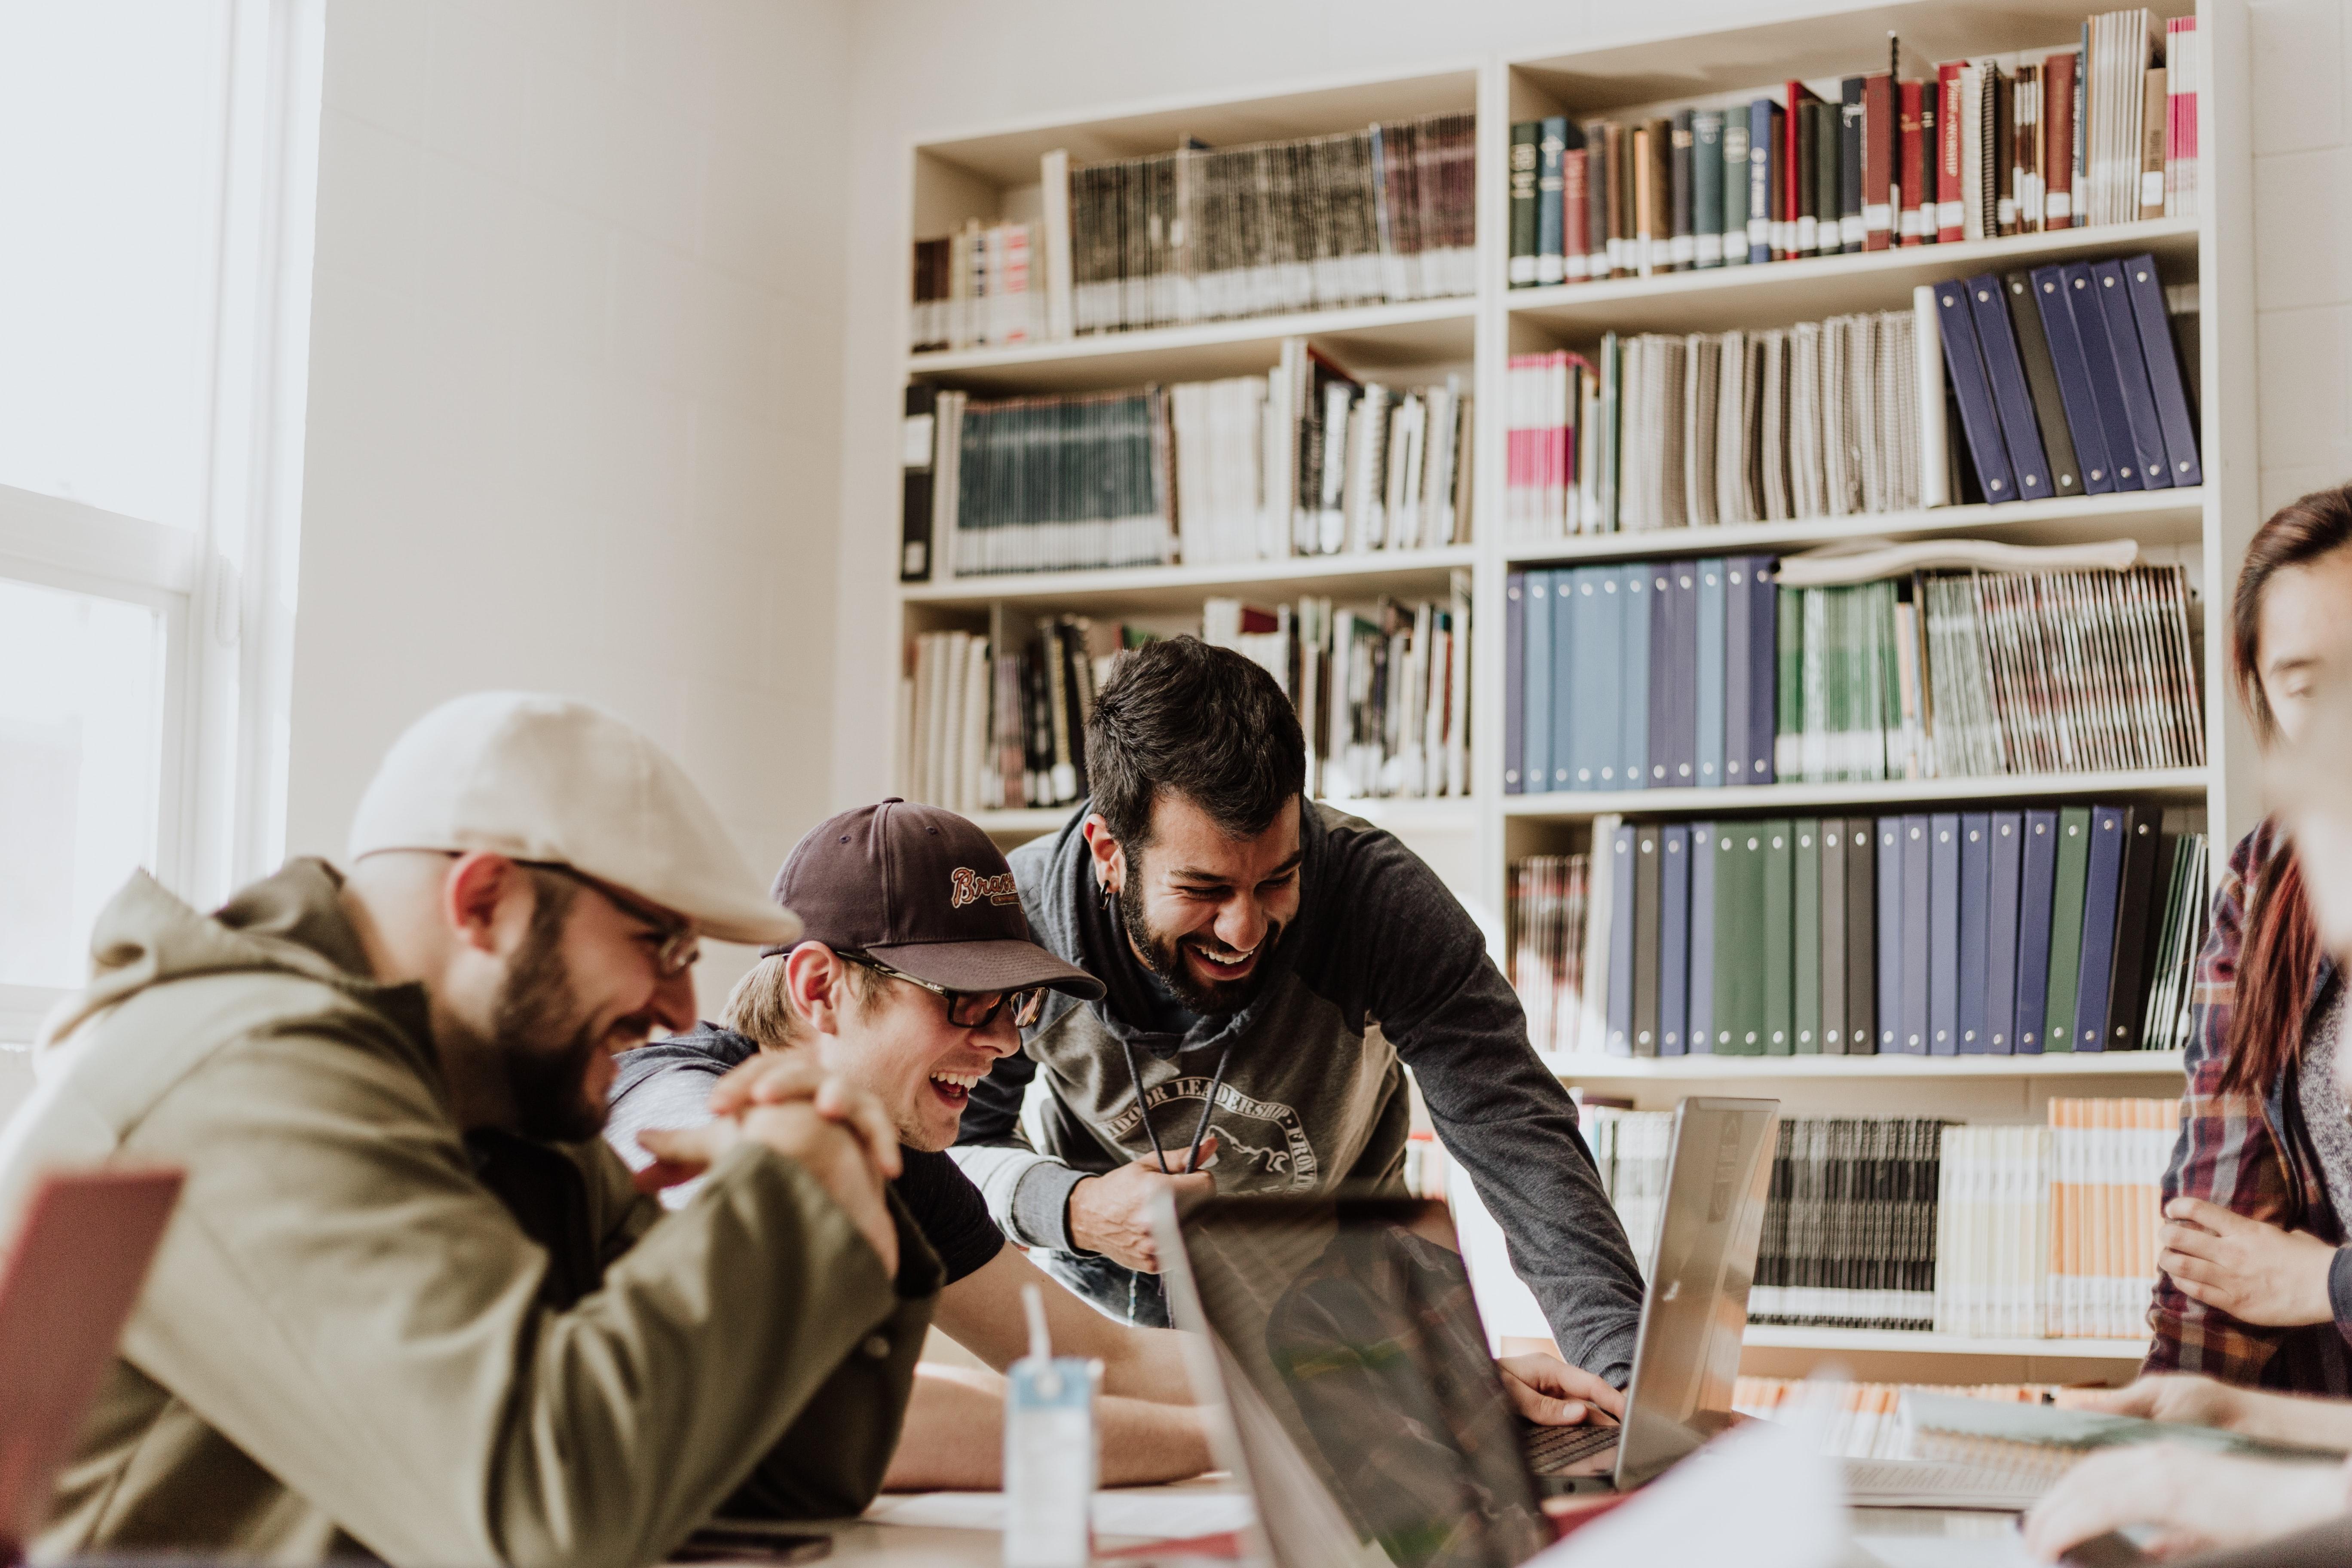 Na primeira imagem que ilustra o texto sobre Soluções para fortalecer a cultura empresarial, vemos três colegas sorrindo e rindo sobre algo que estão vendo na tela do computador.